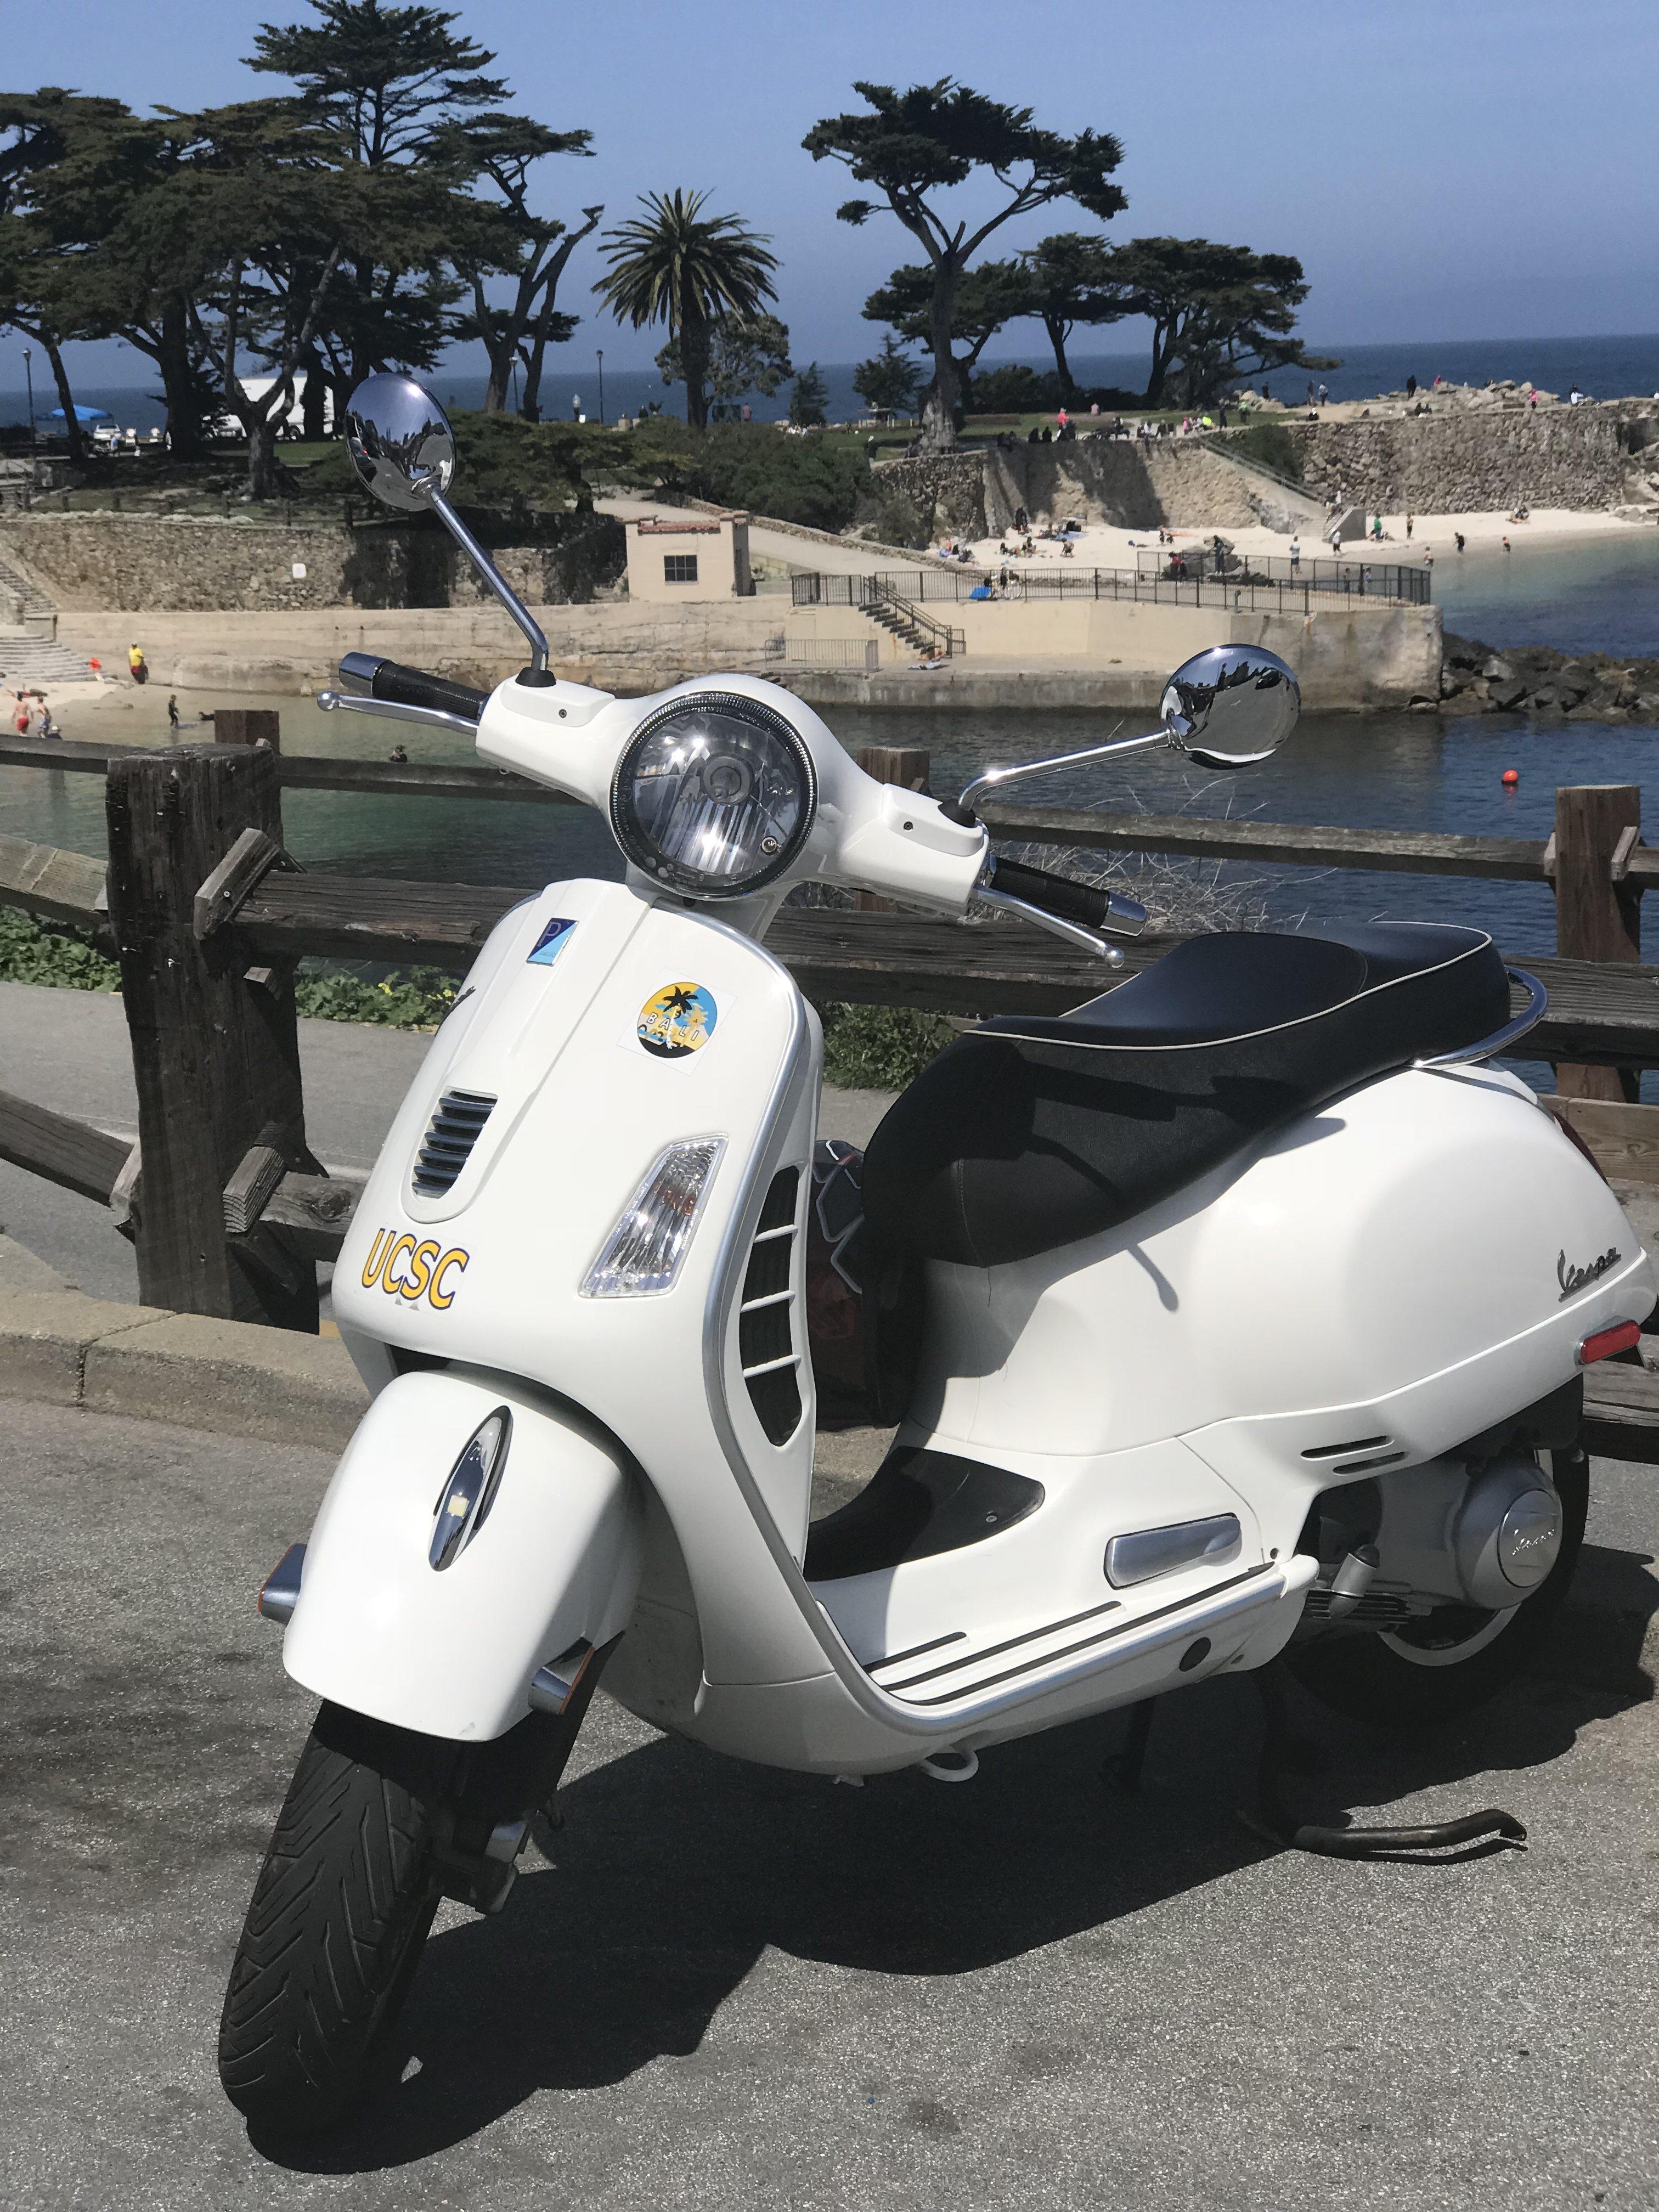 White Vespa GTS at Pacific Grove, California